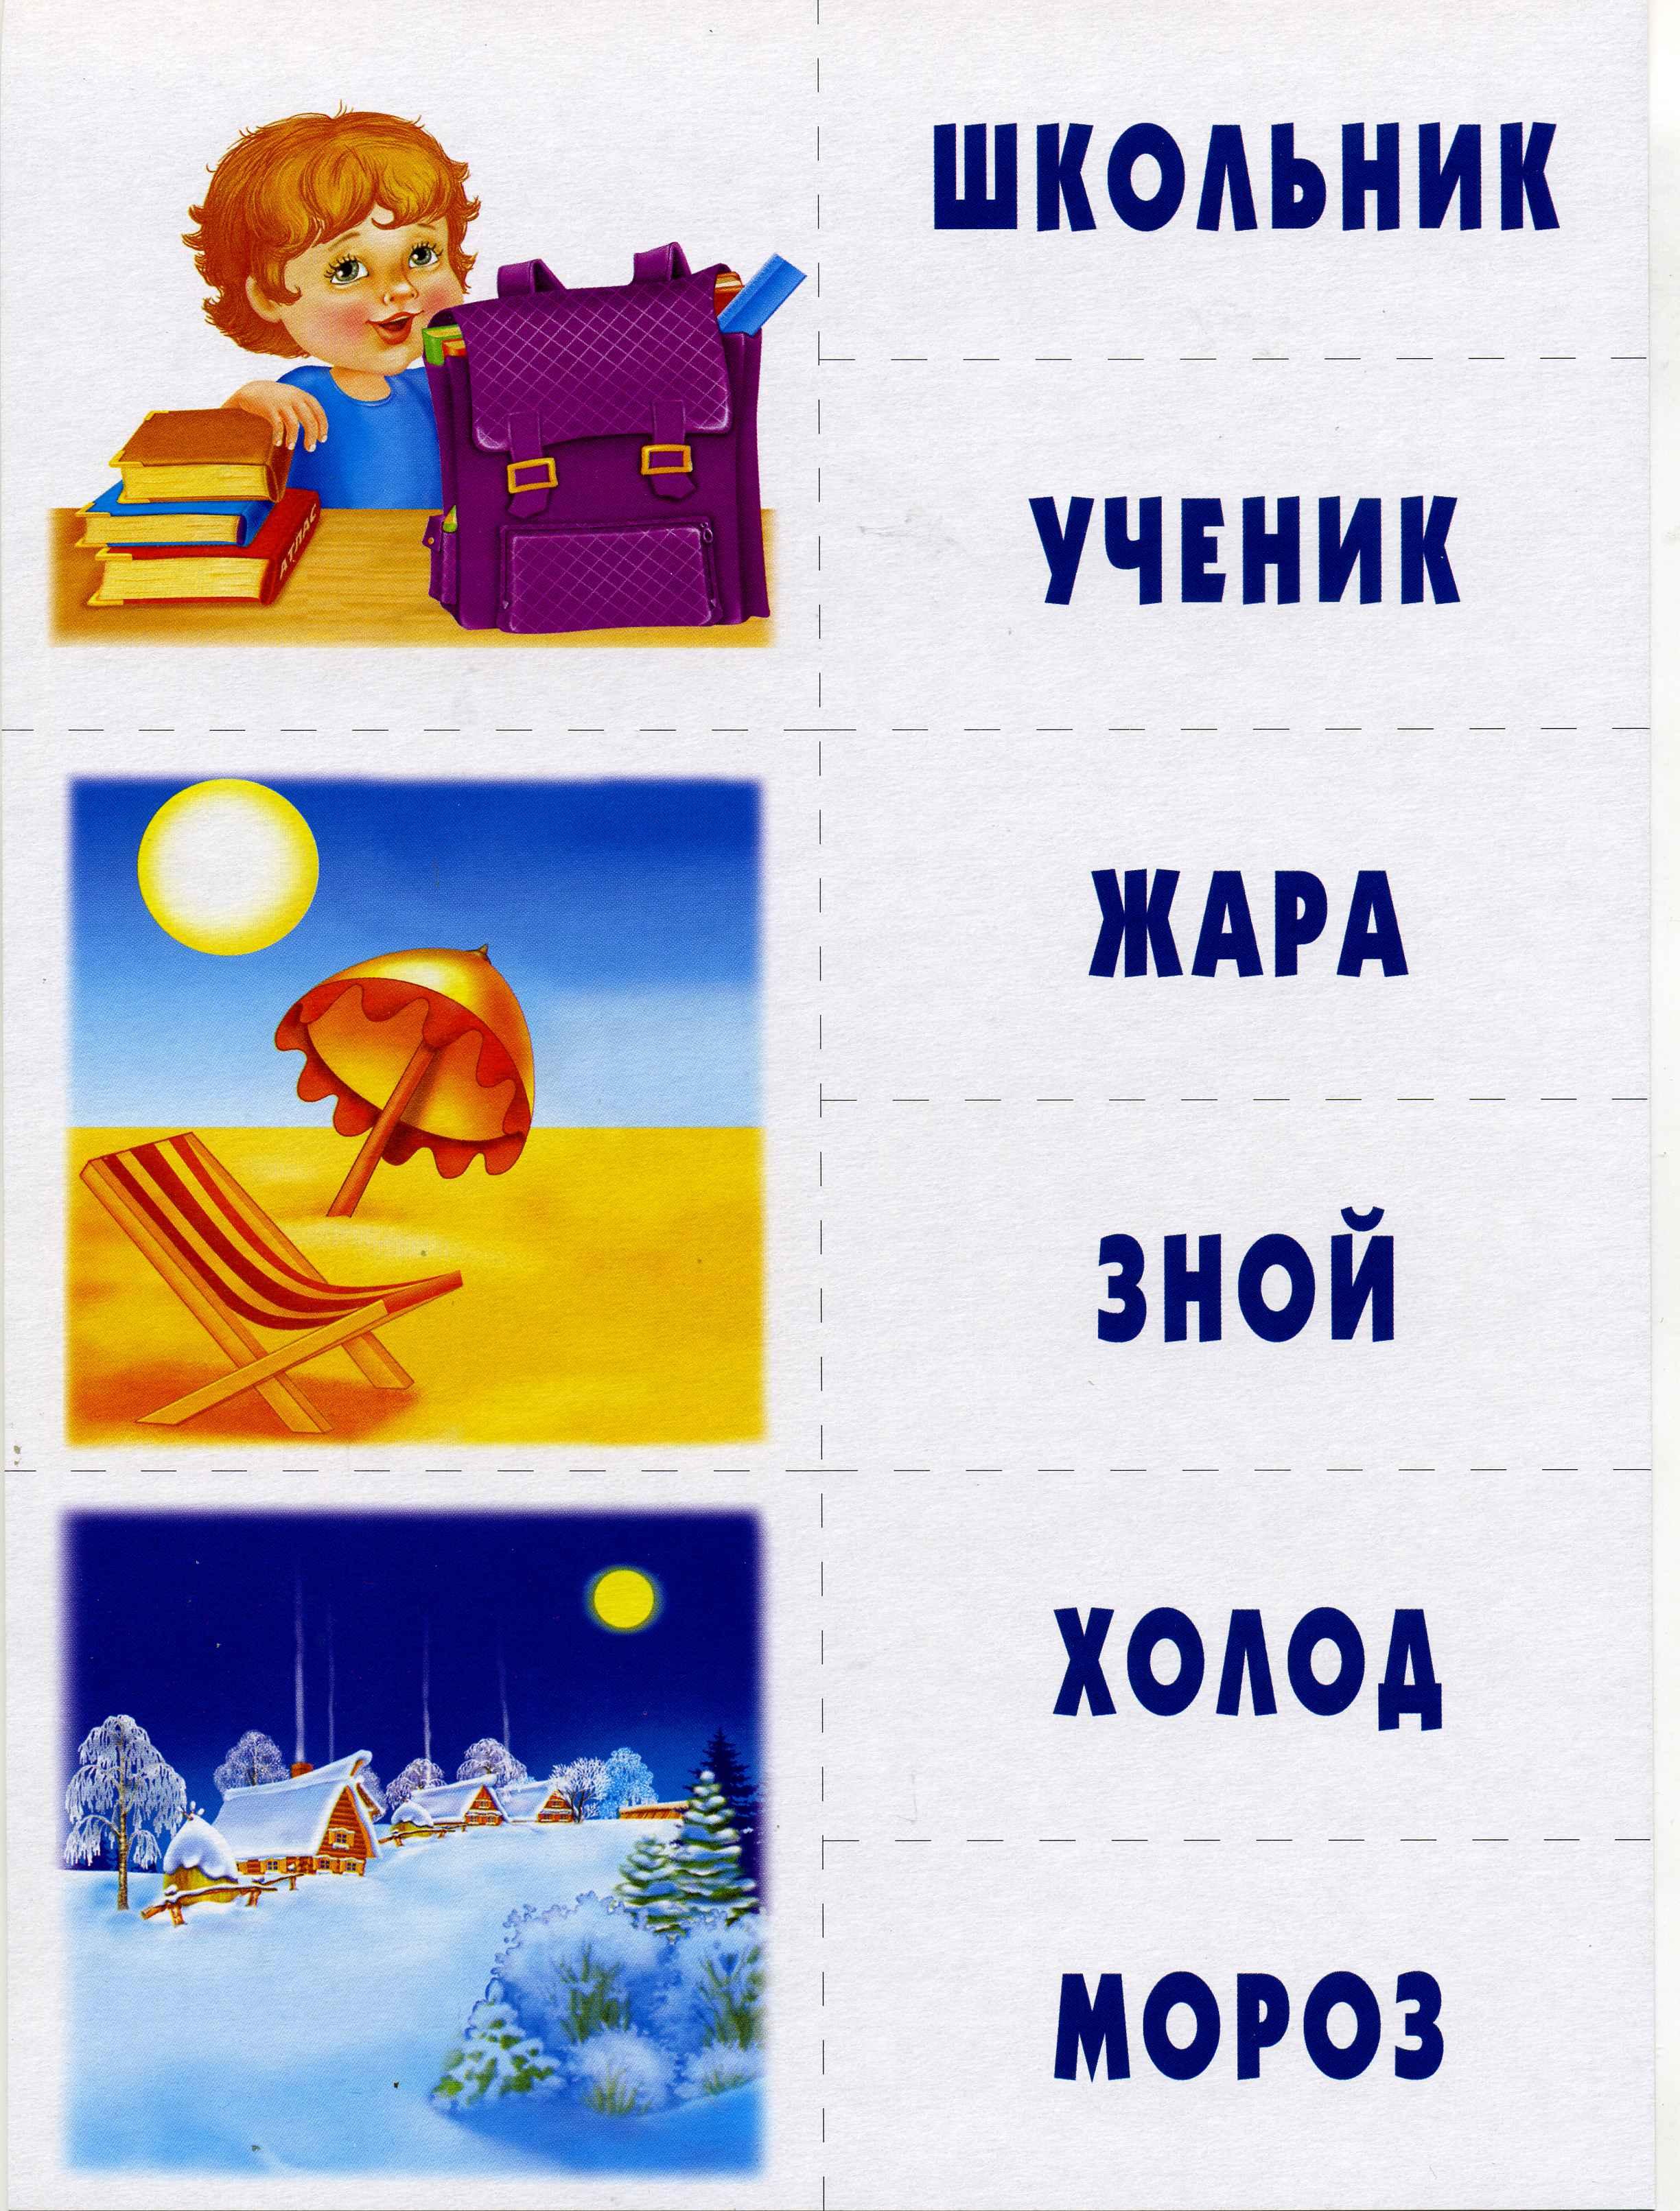 Синоним слова картинки